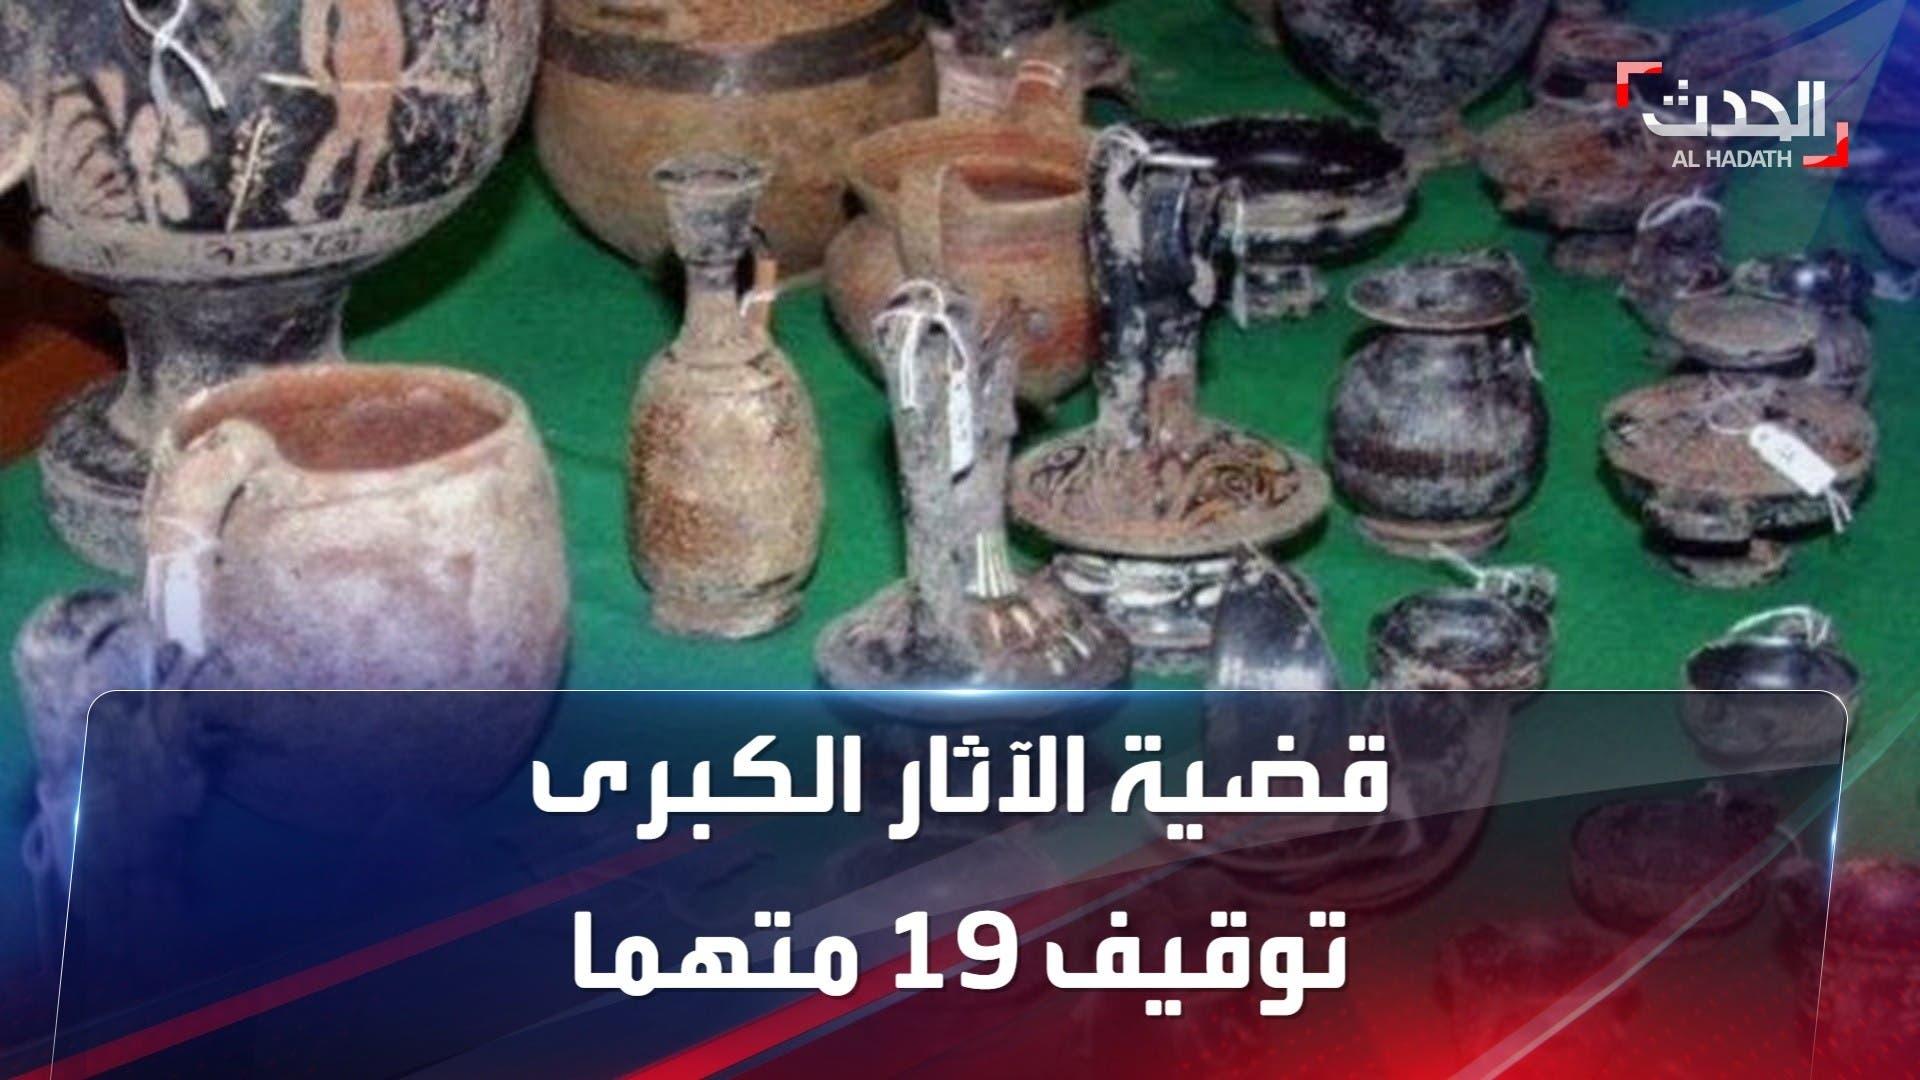 النيابة العامة في مصر تعلن توقيف 19 متهما بقضية الآثار الكبرى